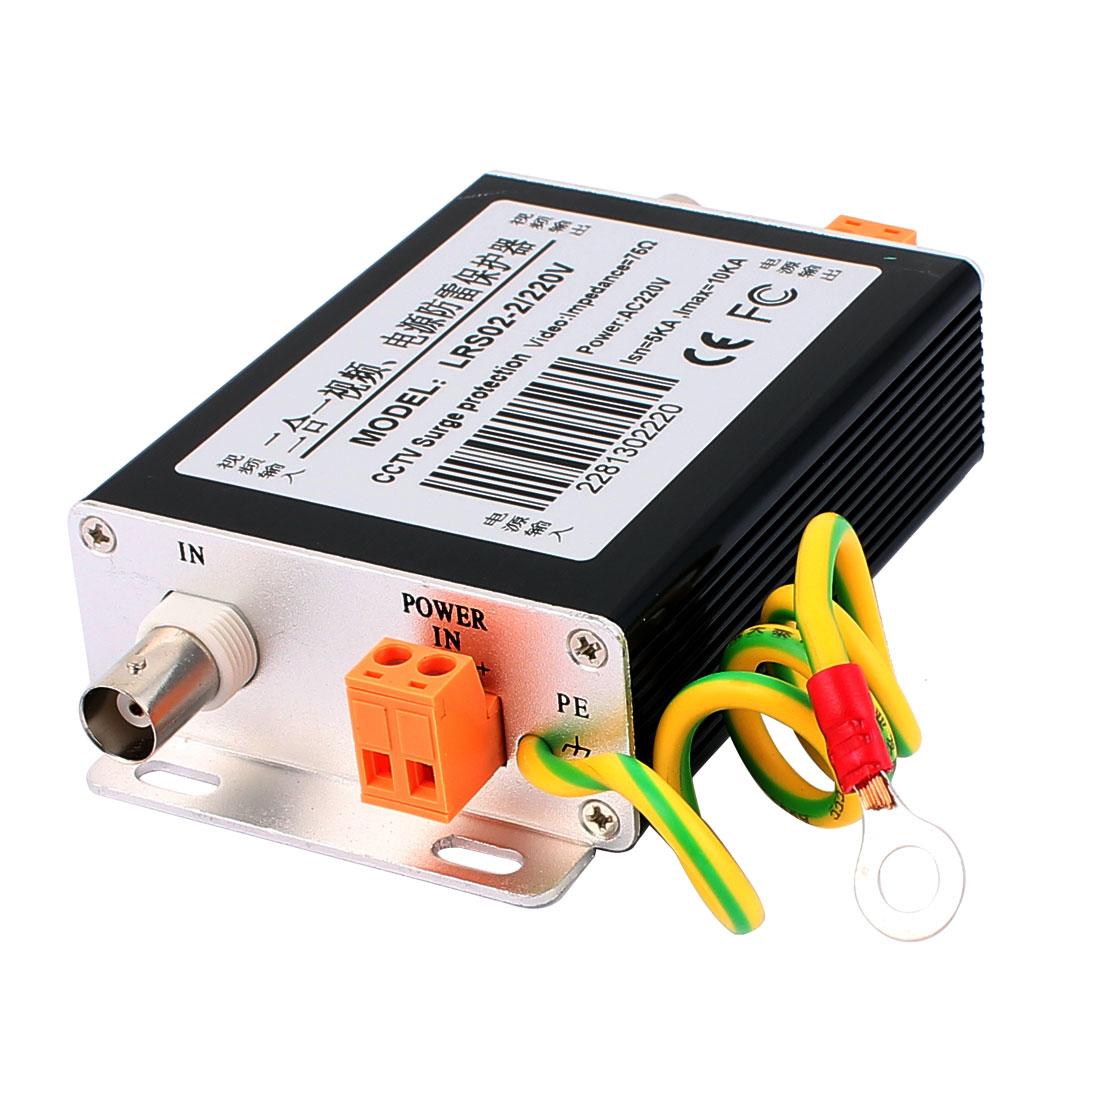 2 In 1 AC220V Signal Lightning Arrester Power Surge Protection Black LRS02-2/220V